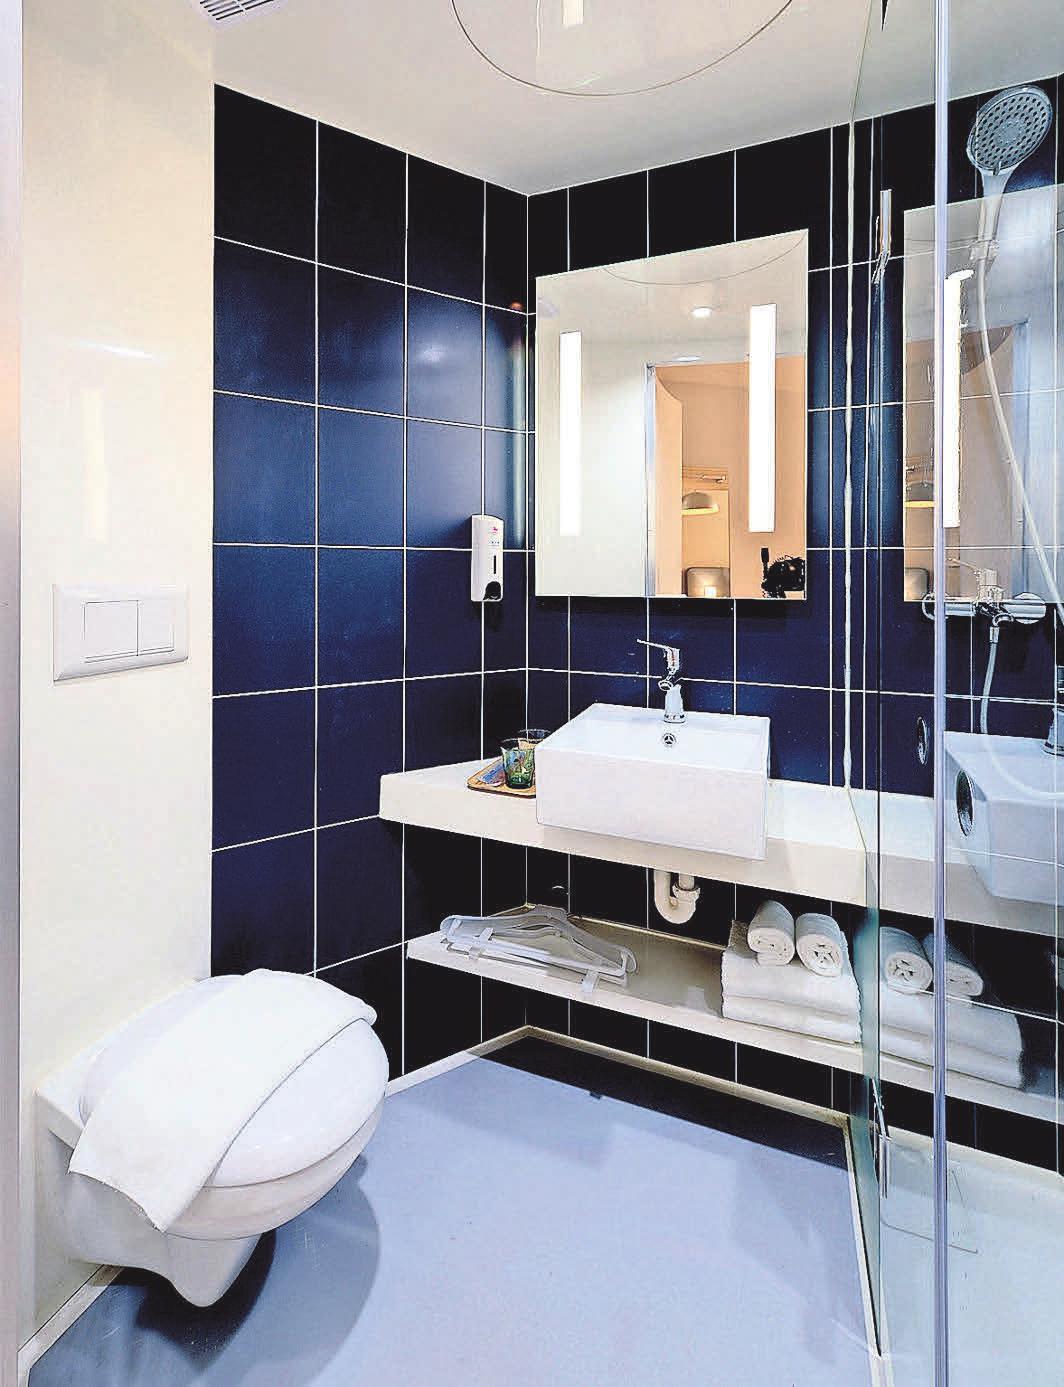 Ebenerdige Duschen sind in kleinen Badezimmern besonders praktisch.